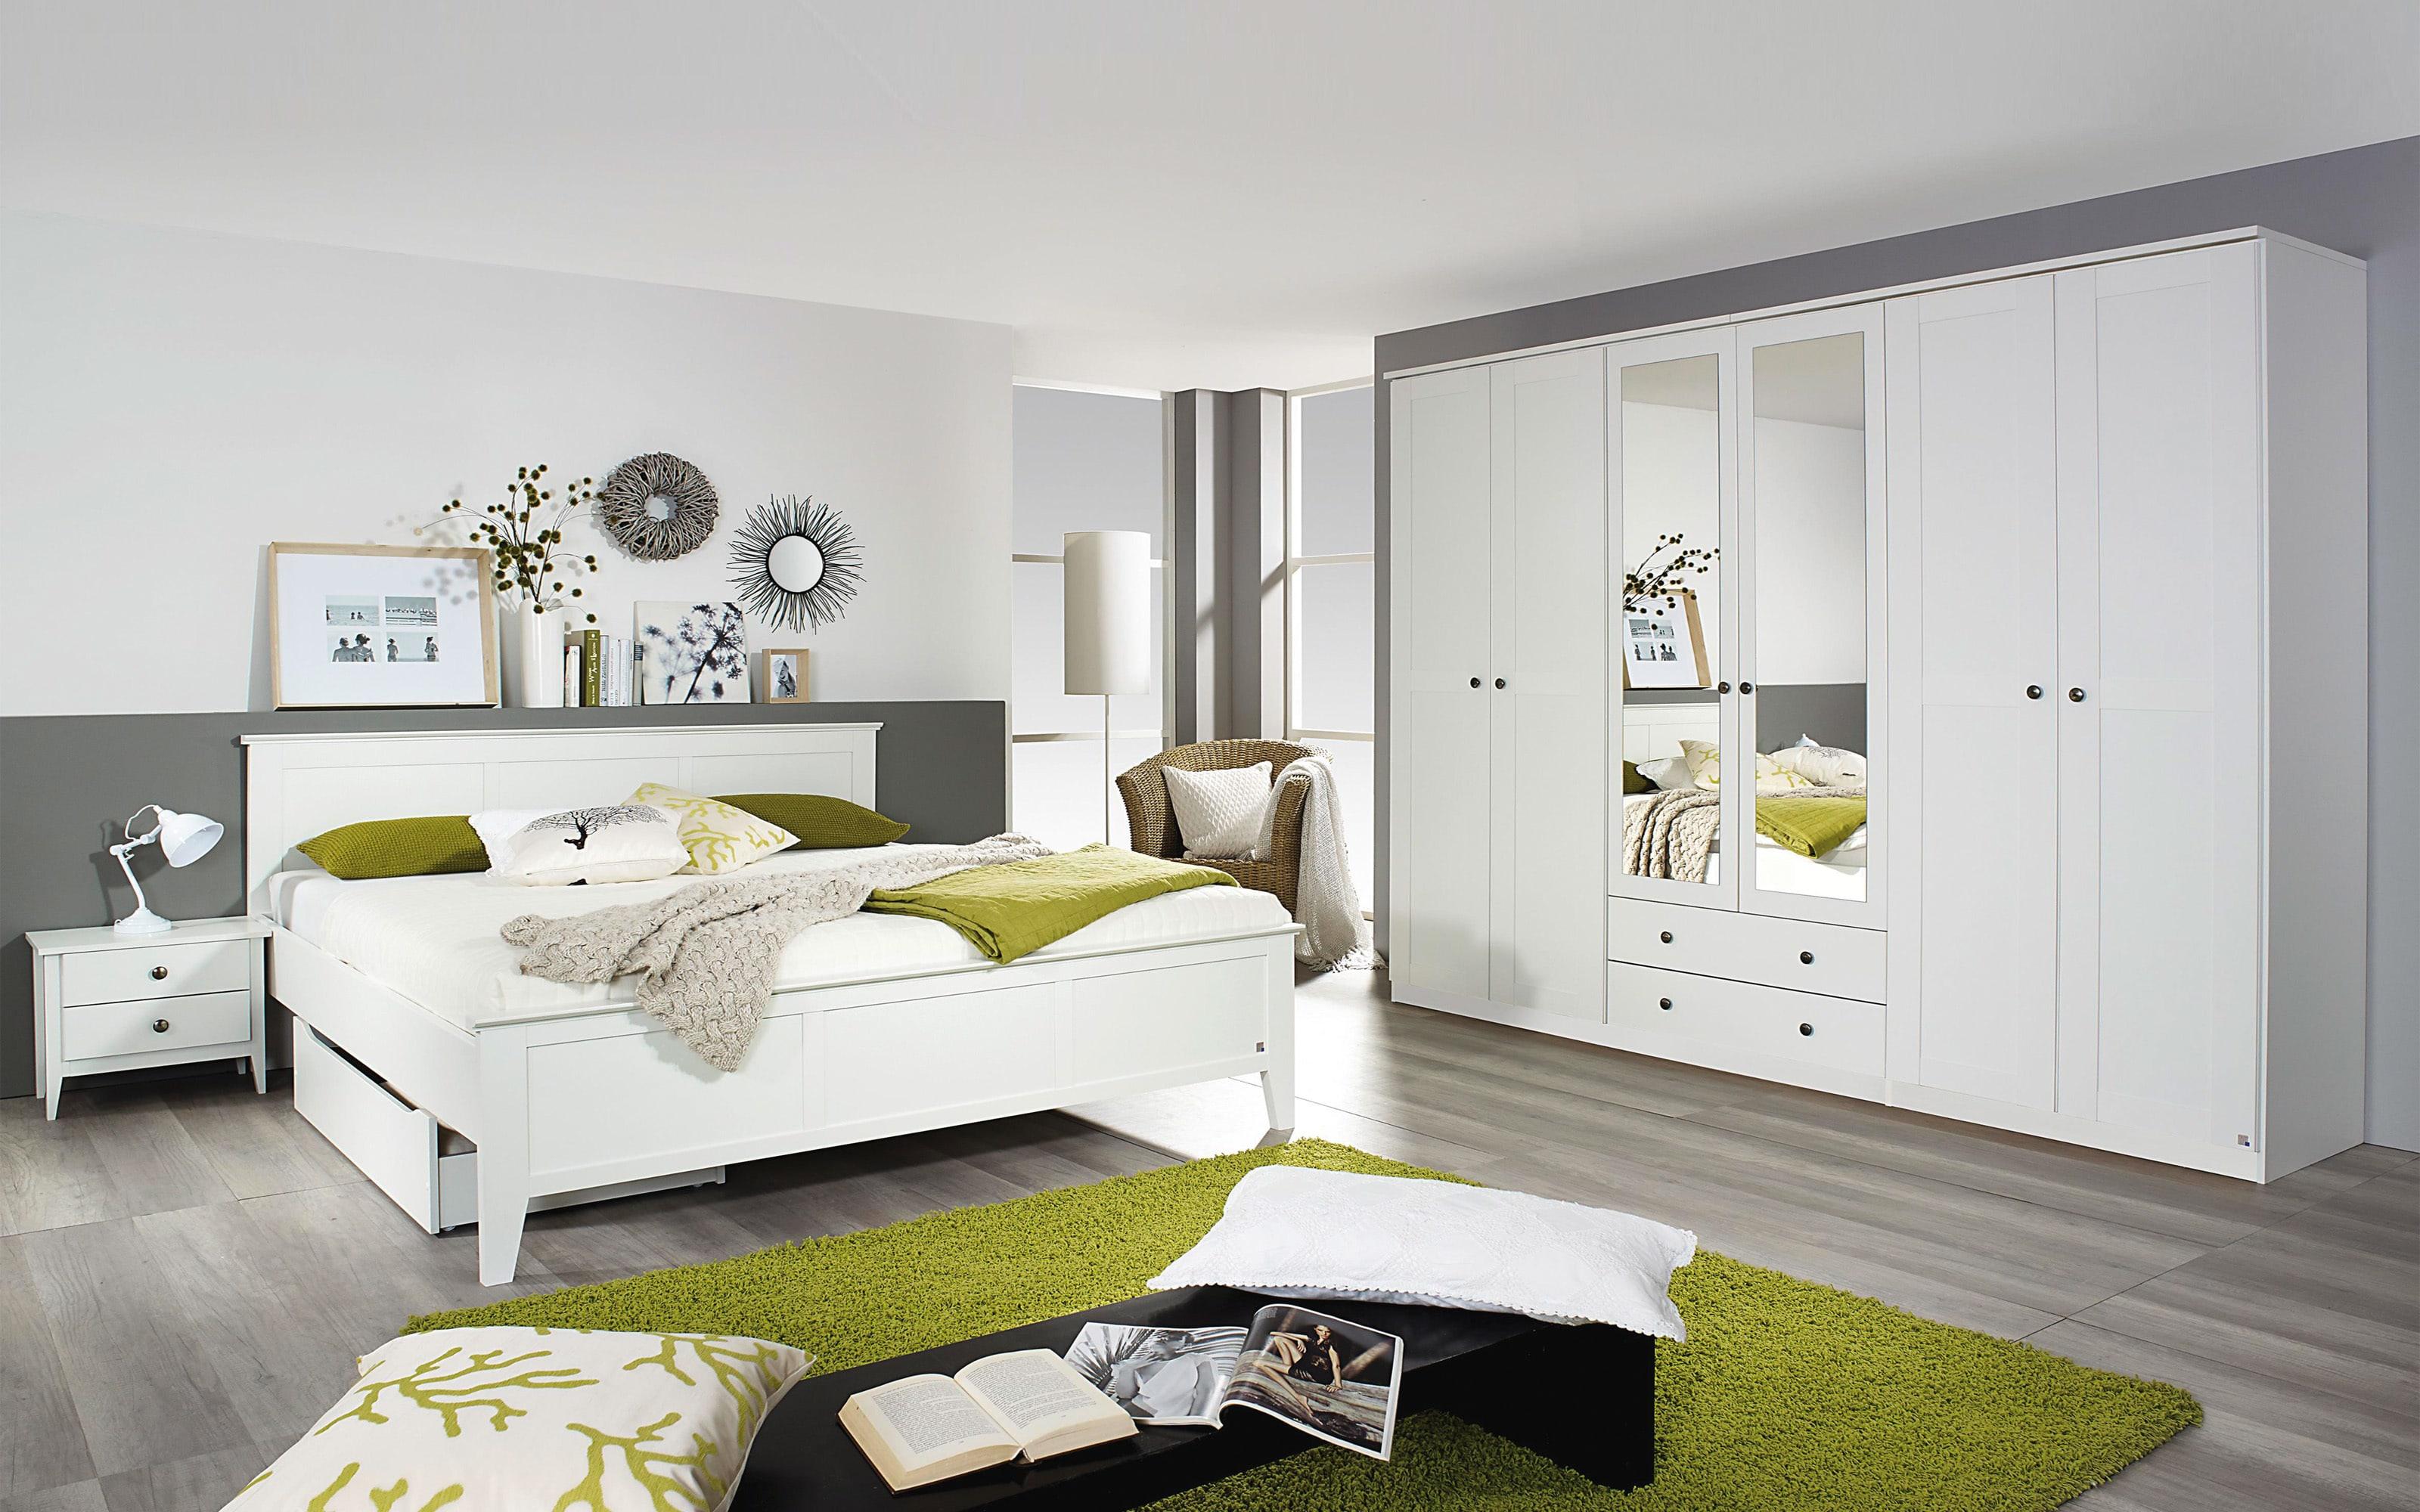 Schlafzimmer Rosenheim in weiß, Schrankbreite ca. 271 cm, Liegefläche ca. 180 x 200 cm